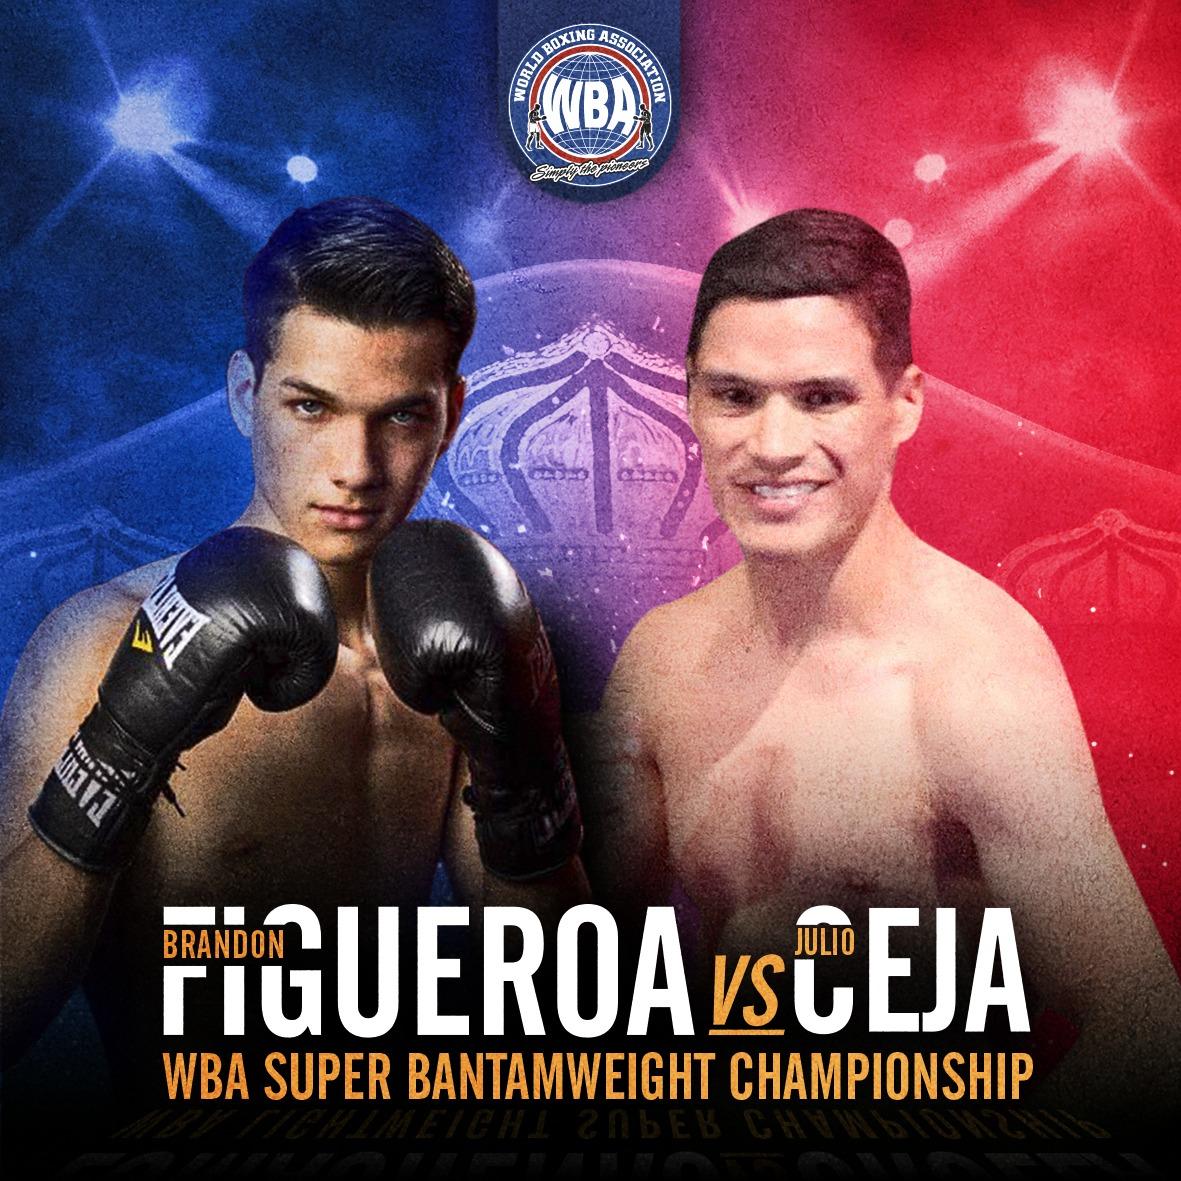 WBA belt is only on the line for Figueroa